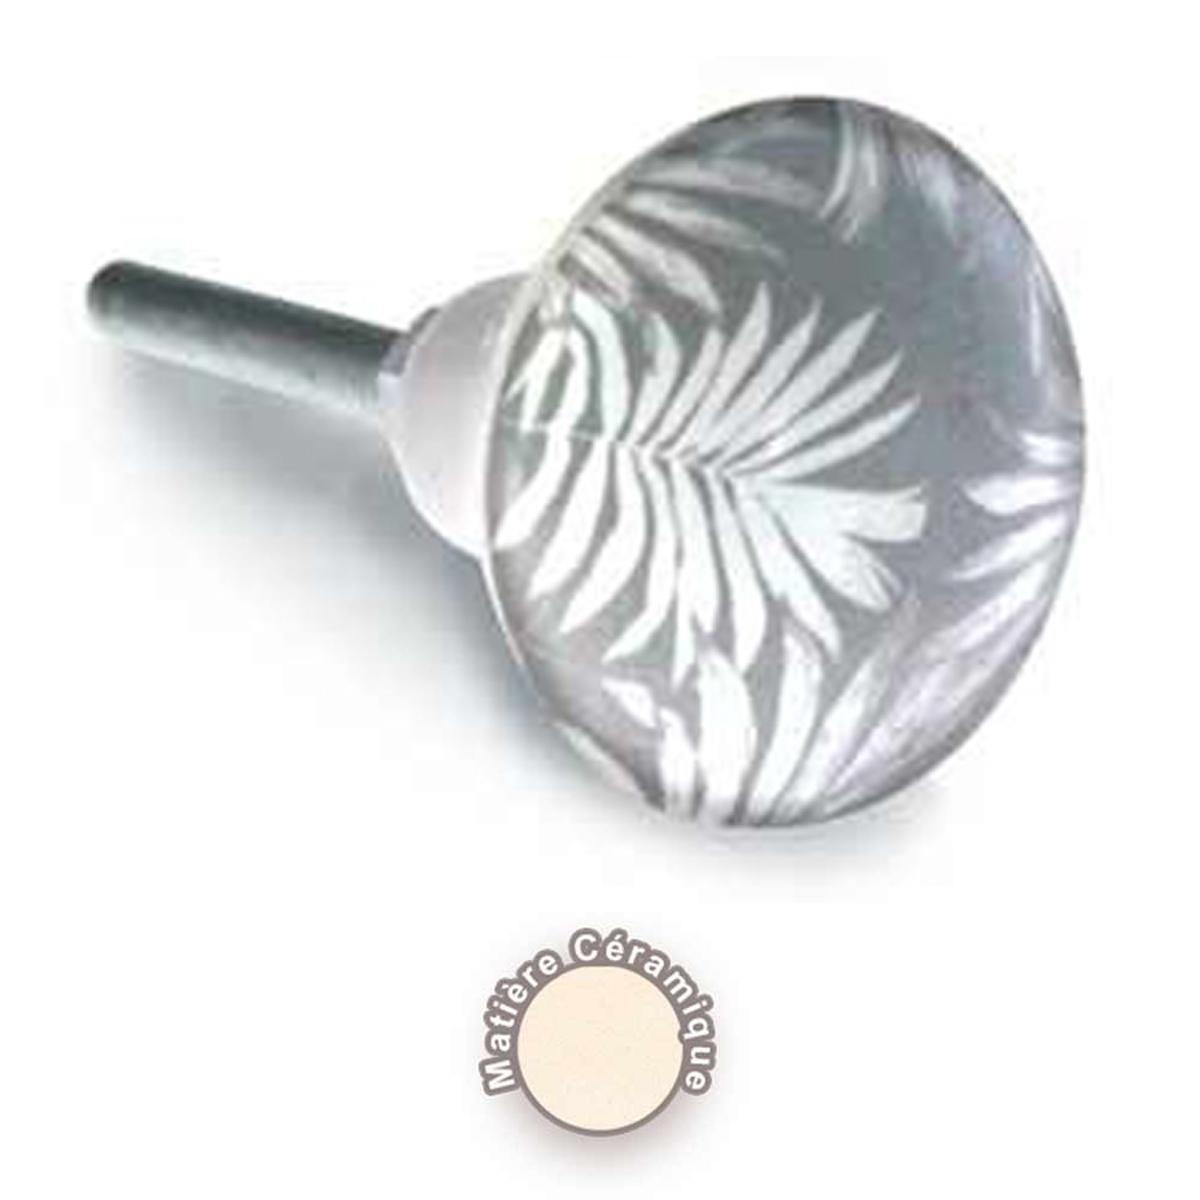 Bouton meuble céramique \'Feuille\' gris - 8x4 cm - [A0398]